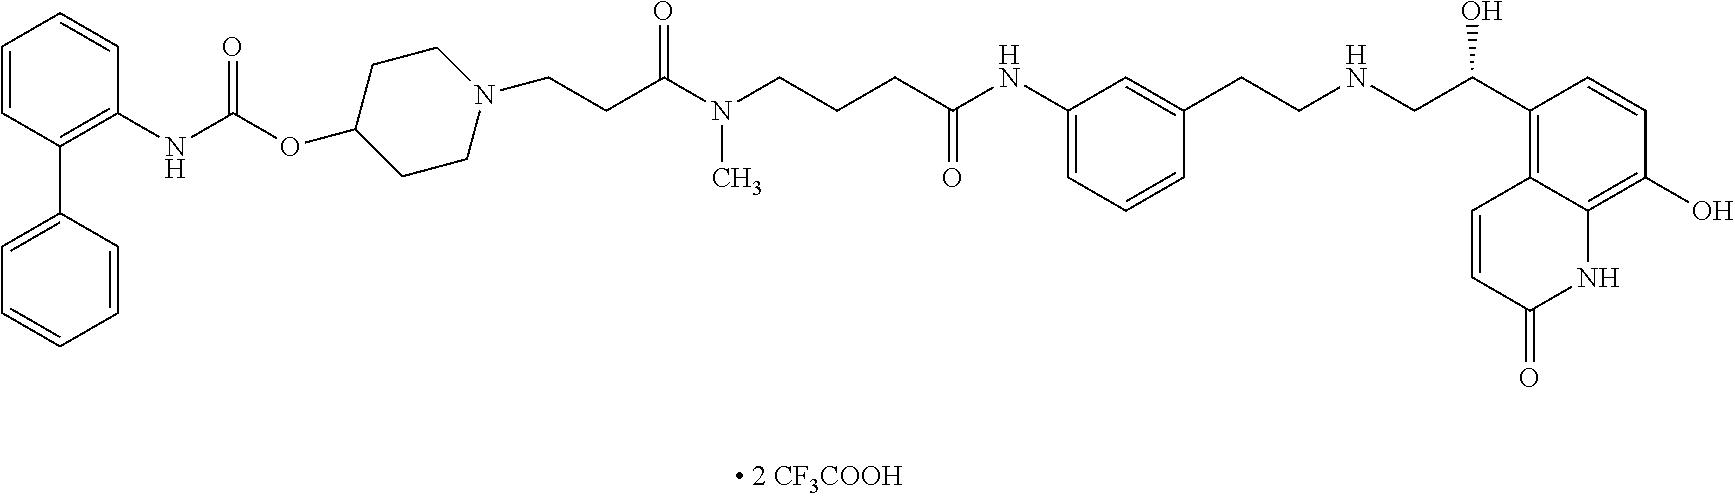 Figure US10138220-20181127-C00257